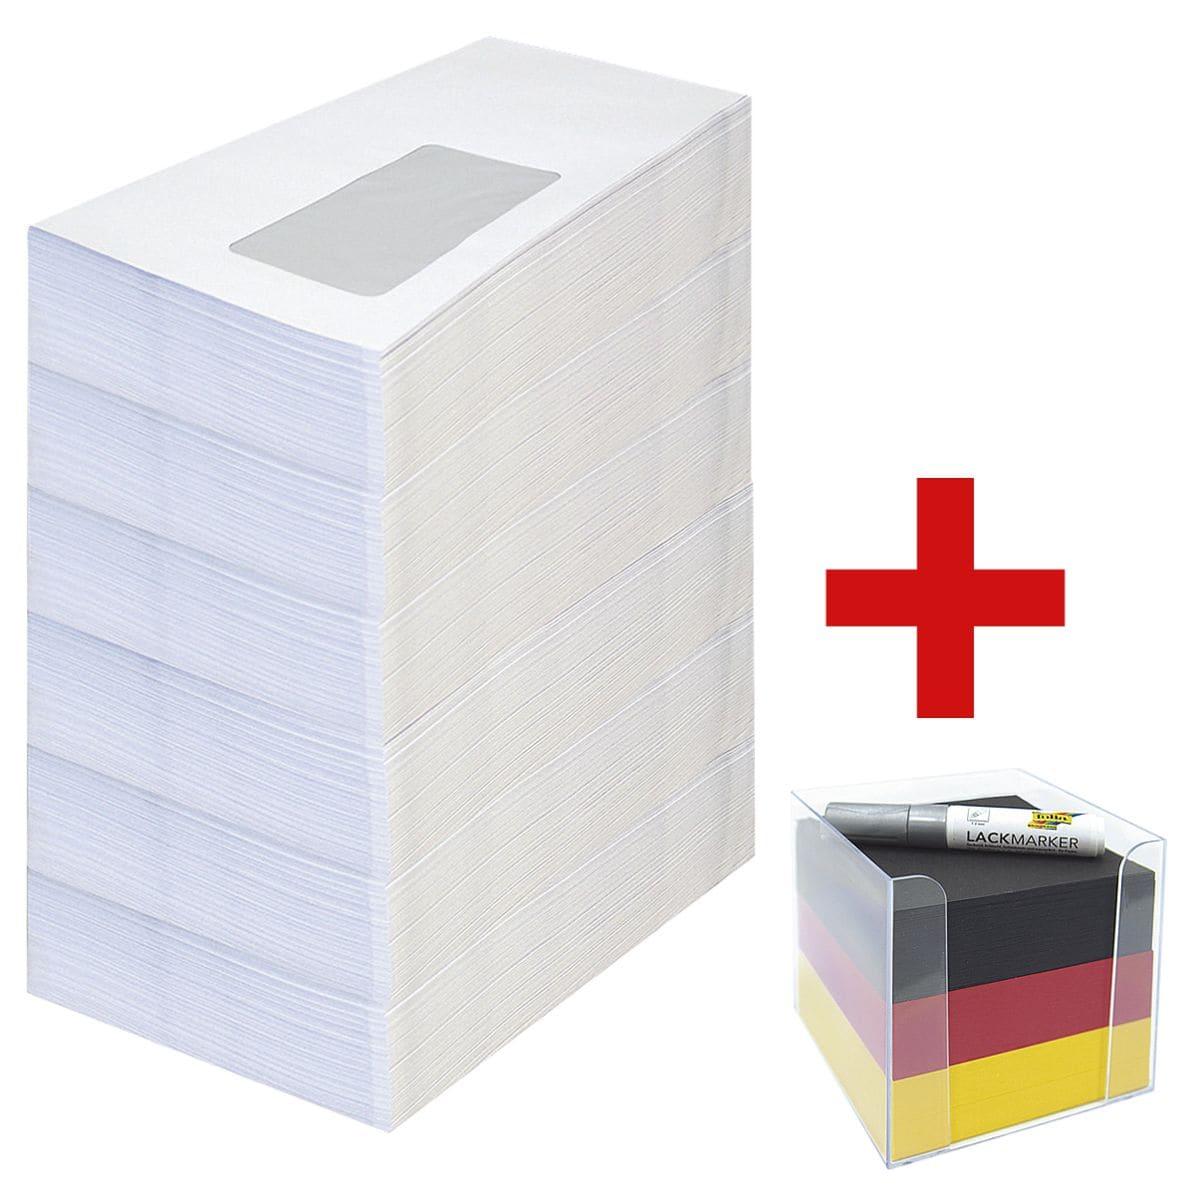 Briefumschläge, DIN lang 75 g/m² mit Fenster, selbstklebend - 1000 Stück inkl. Zettelbox mit Lack-Marker